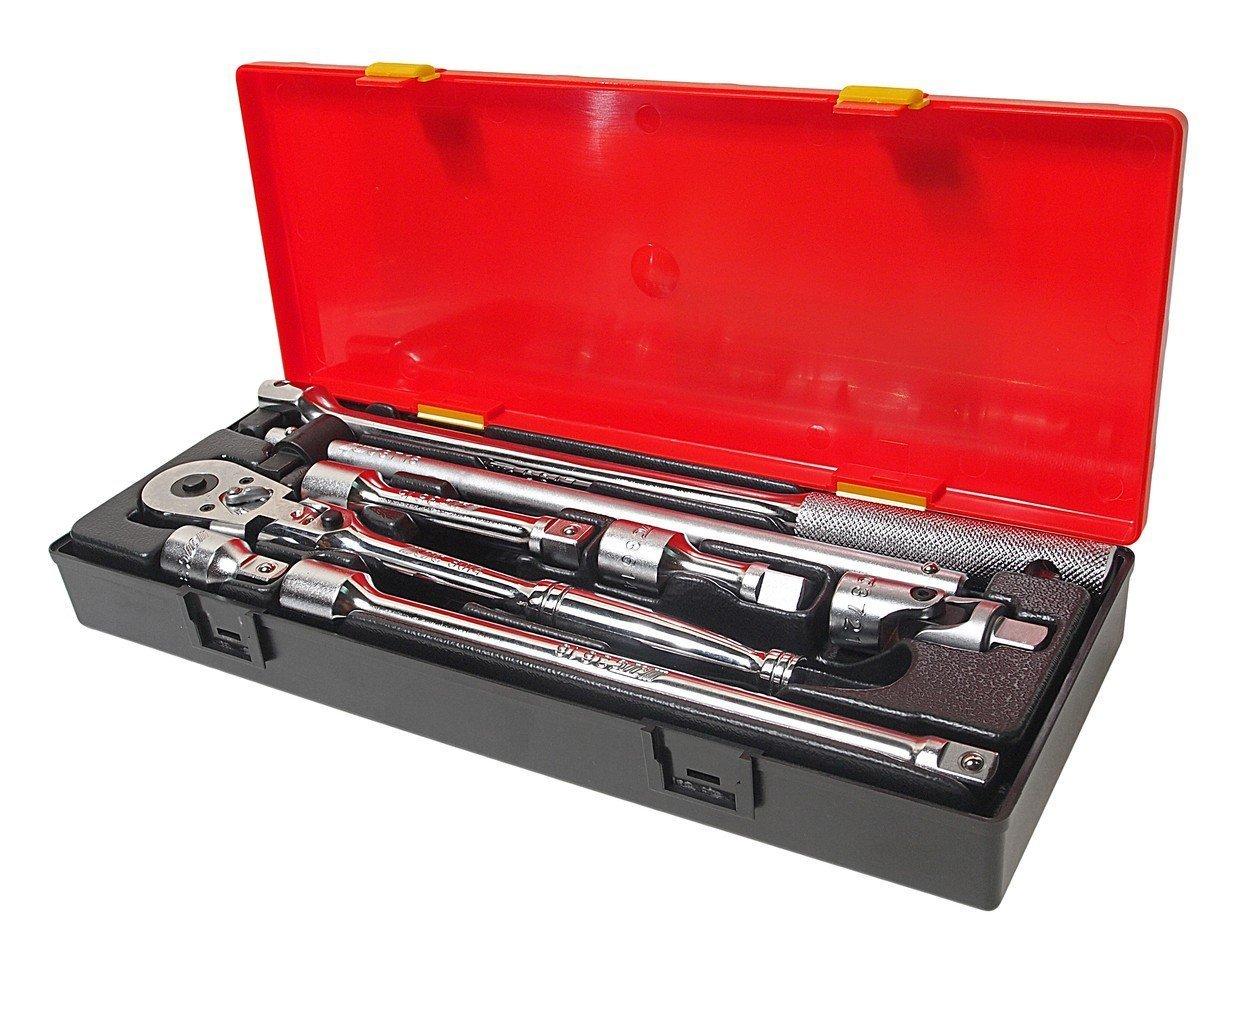 JTC-K4083 Набор инструментов 1/2″ (удлинители, воротки, трещотка на шарнире) в кейсе 8 пр.